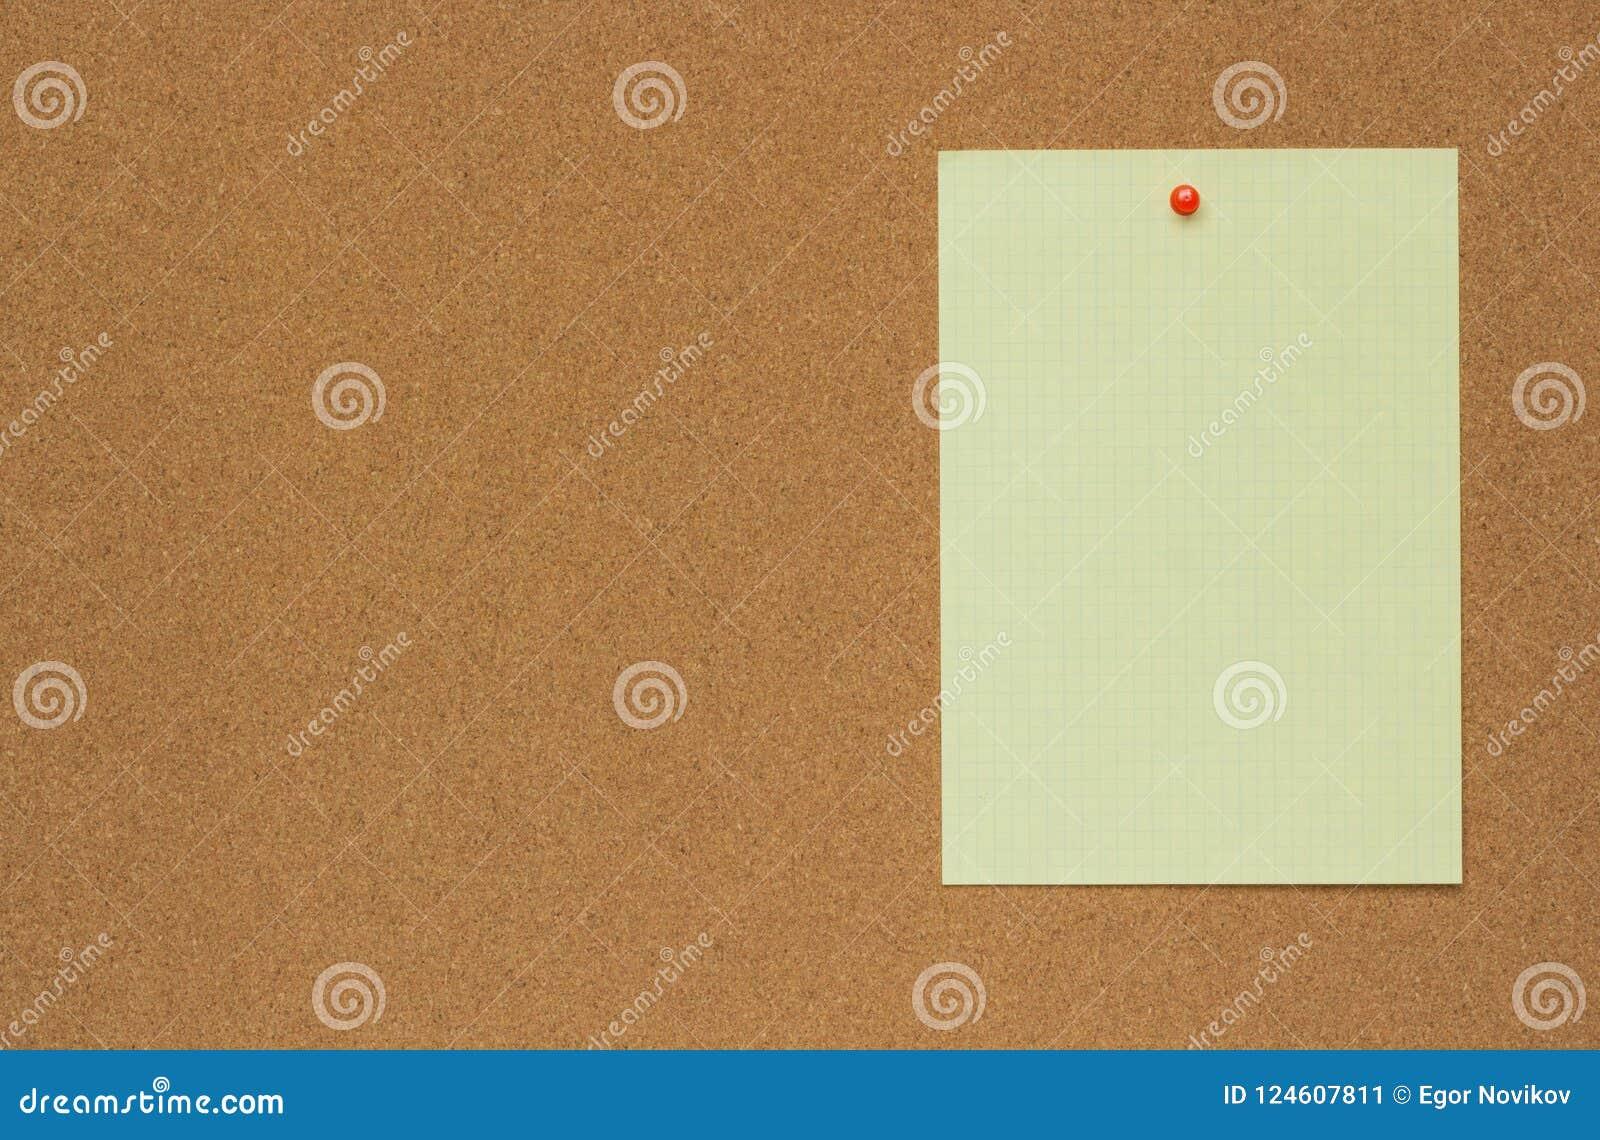 Nahaufnahmebeschaffenheit eines braunen Korkenbrettblattes mit einem Blatt Papier